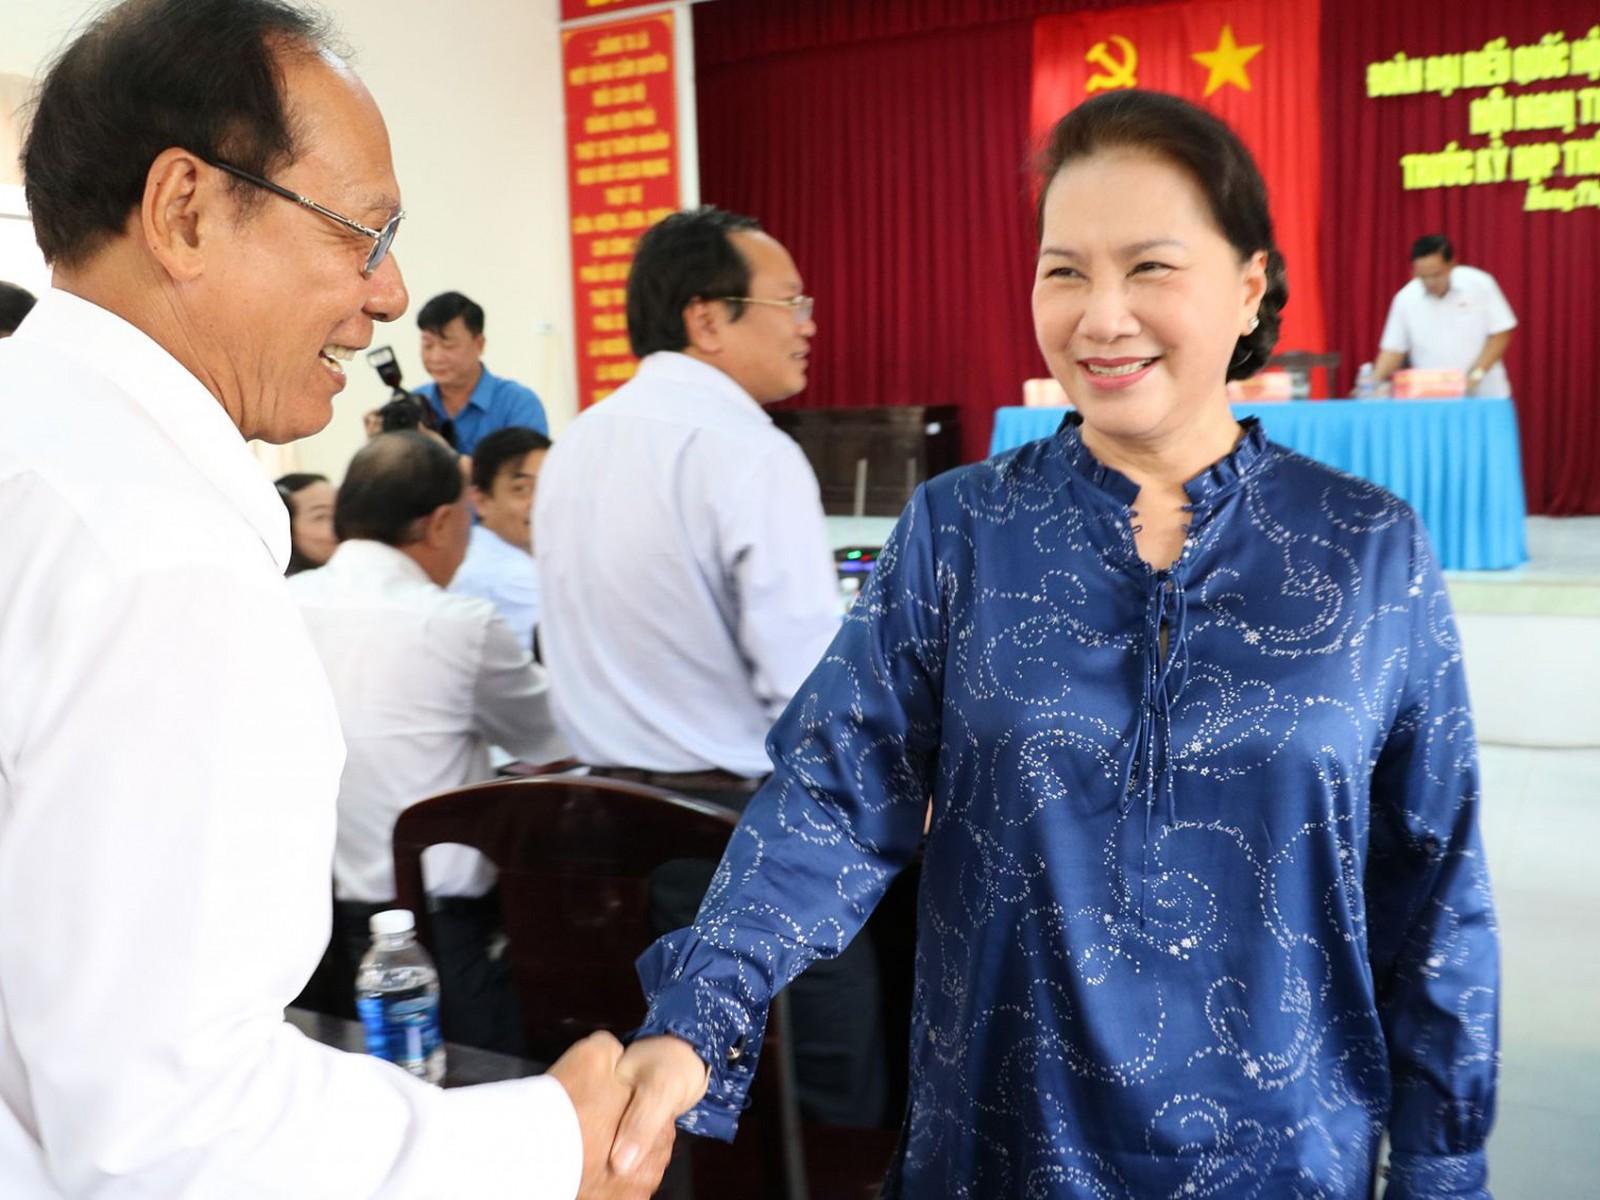 Chủ tịch Quốc hội Nguyễn Thị Kim Ngân thăm hỏi sức khỏe cử tri phường Hưng Thạnh, quận Cái Răng.